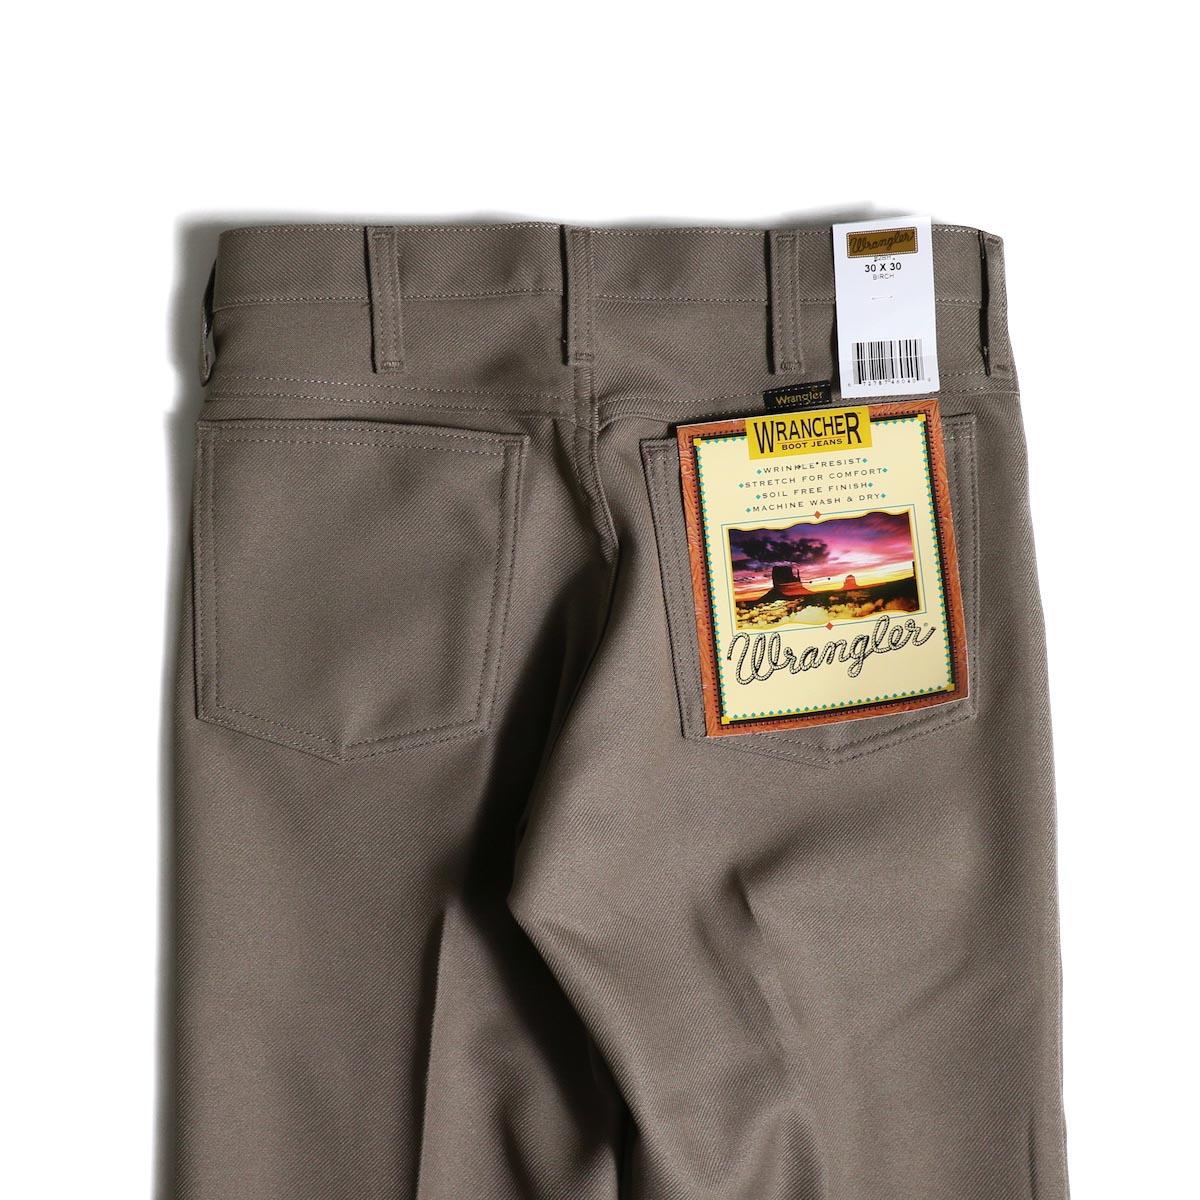 Wrangler / WRANCHER DRESS JEANS (Birch)ヒップポケット